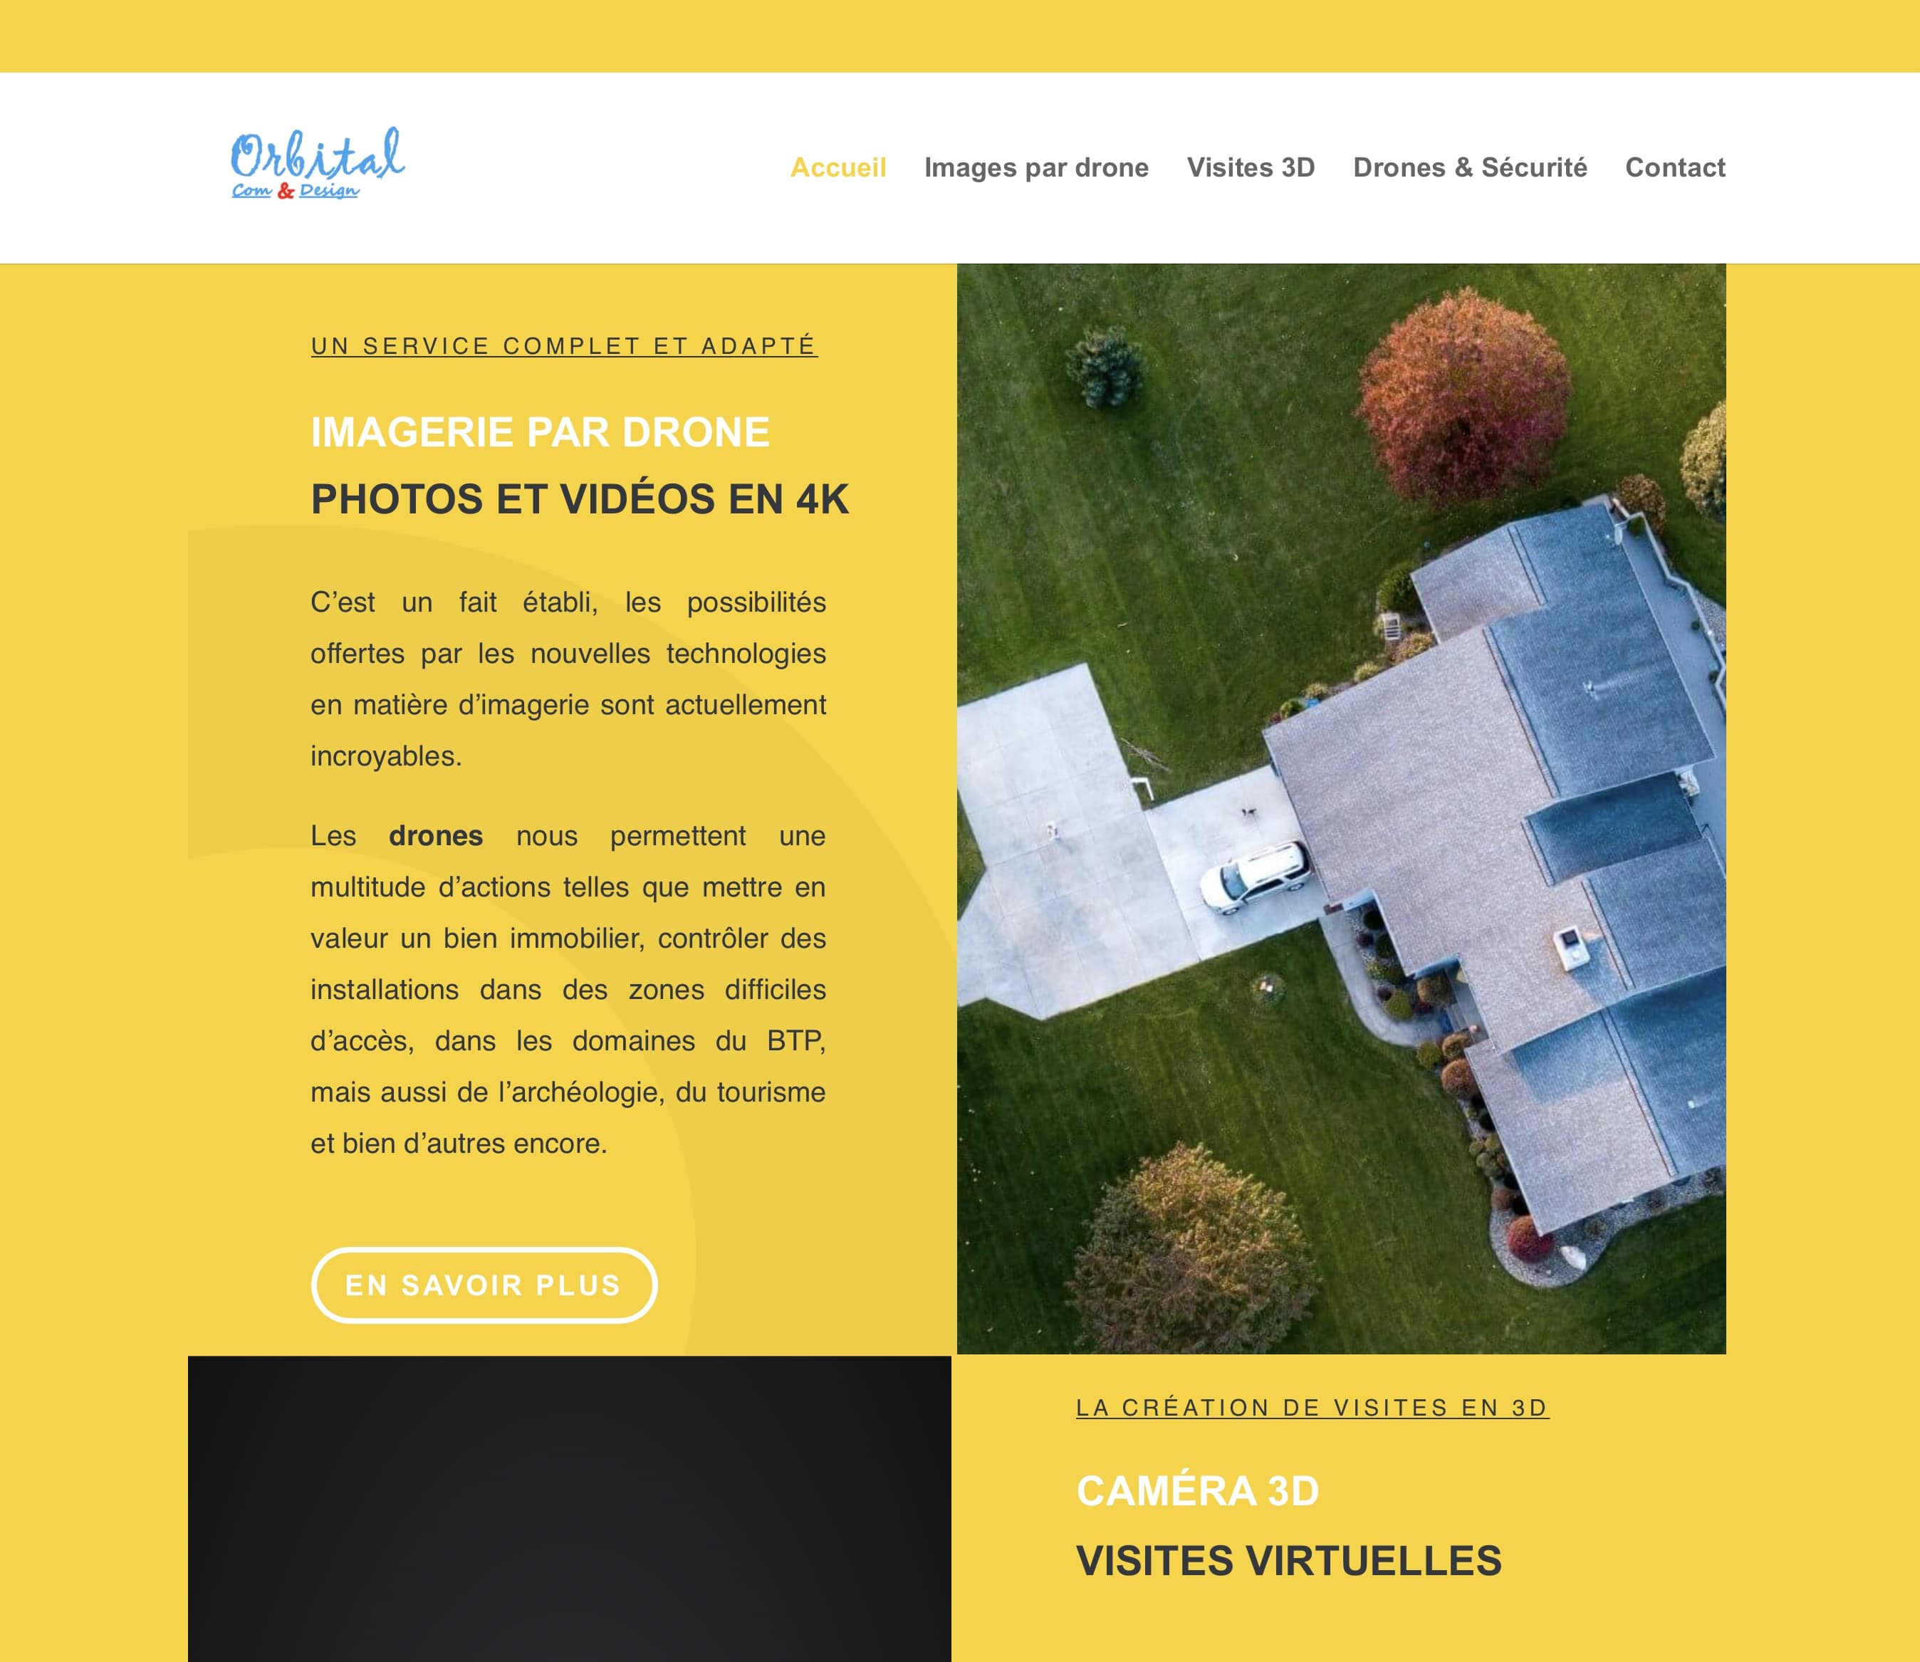 Photo accueil Orbital com & design